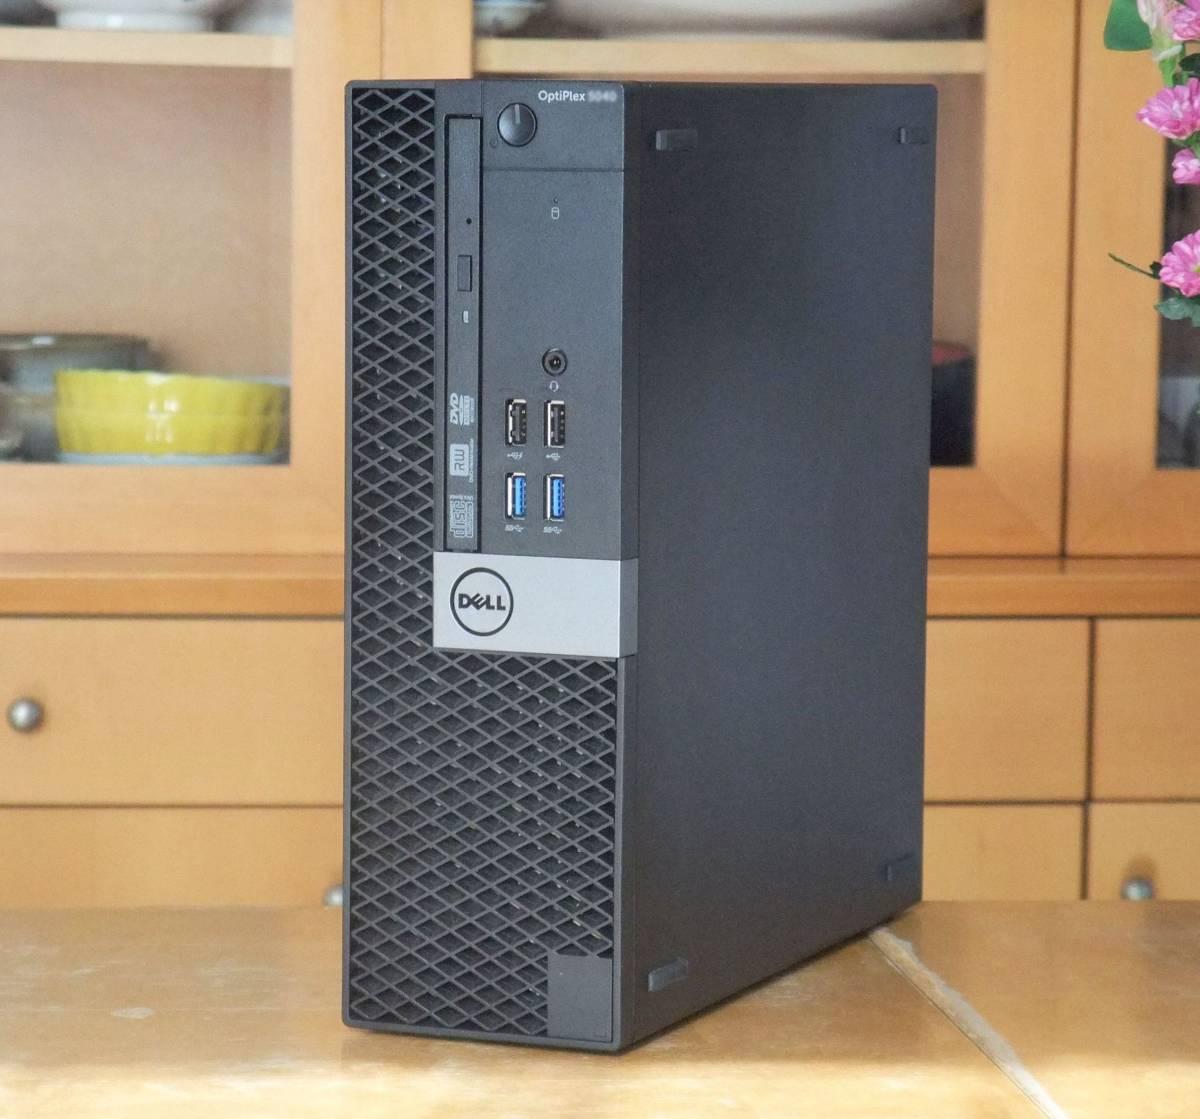 ★i7-6700 4.0Gx8/ブルーレイ再生・記録/新品SSD1TB/大容量16Gメモリ/Office2019/Win10/USB3.0/税不要/領収証可/Optiplex3040